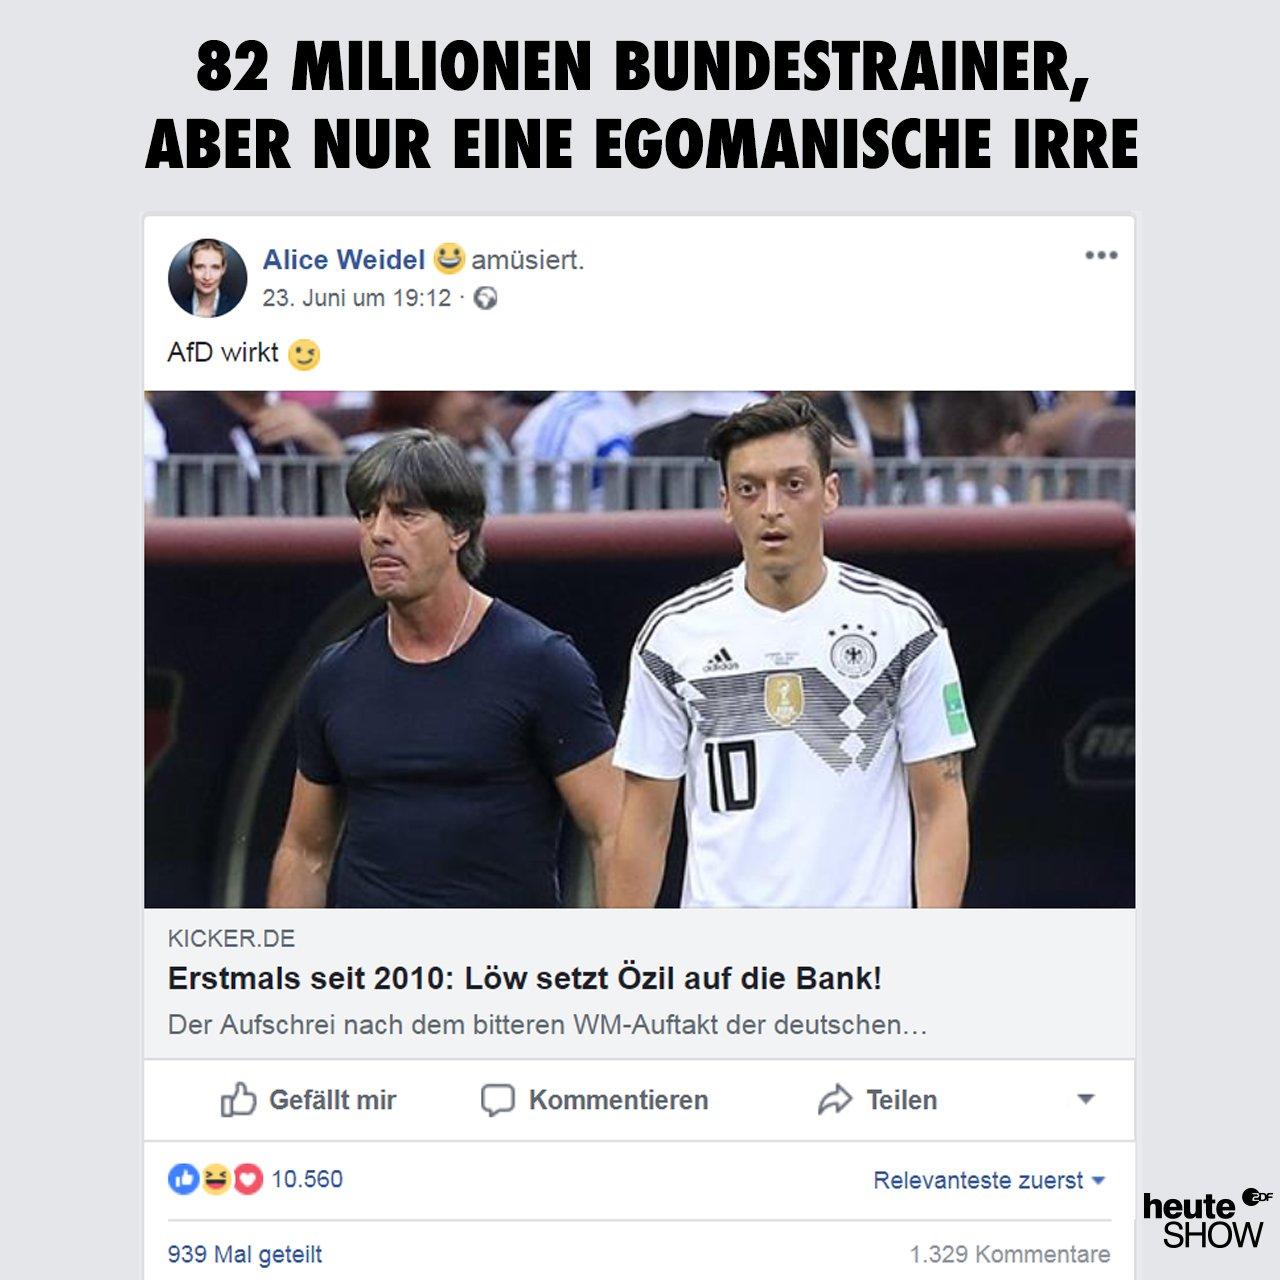 ZDF heute-show on Twitter